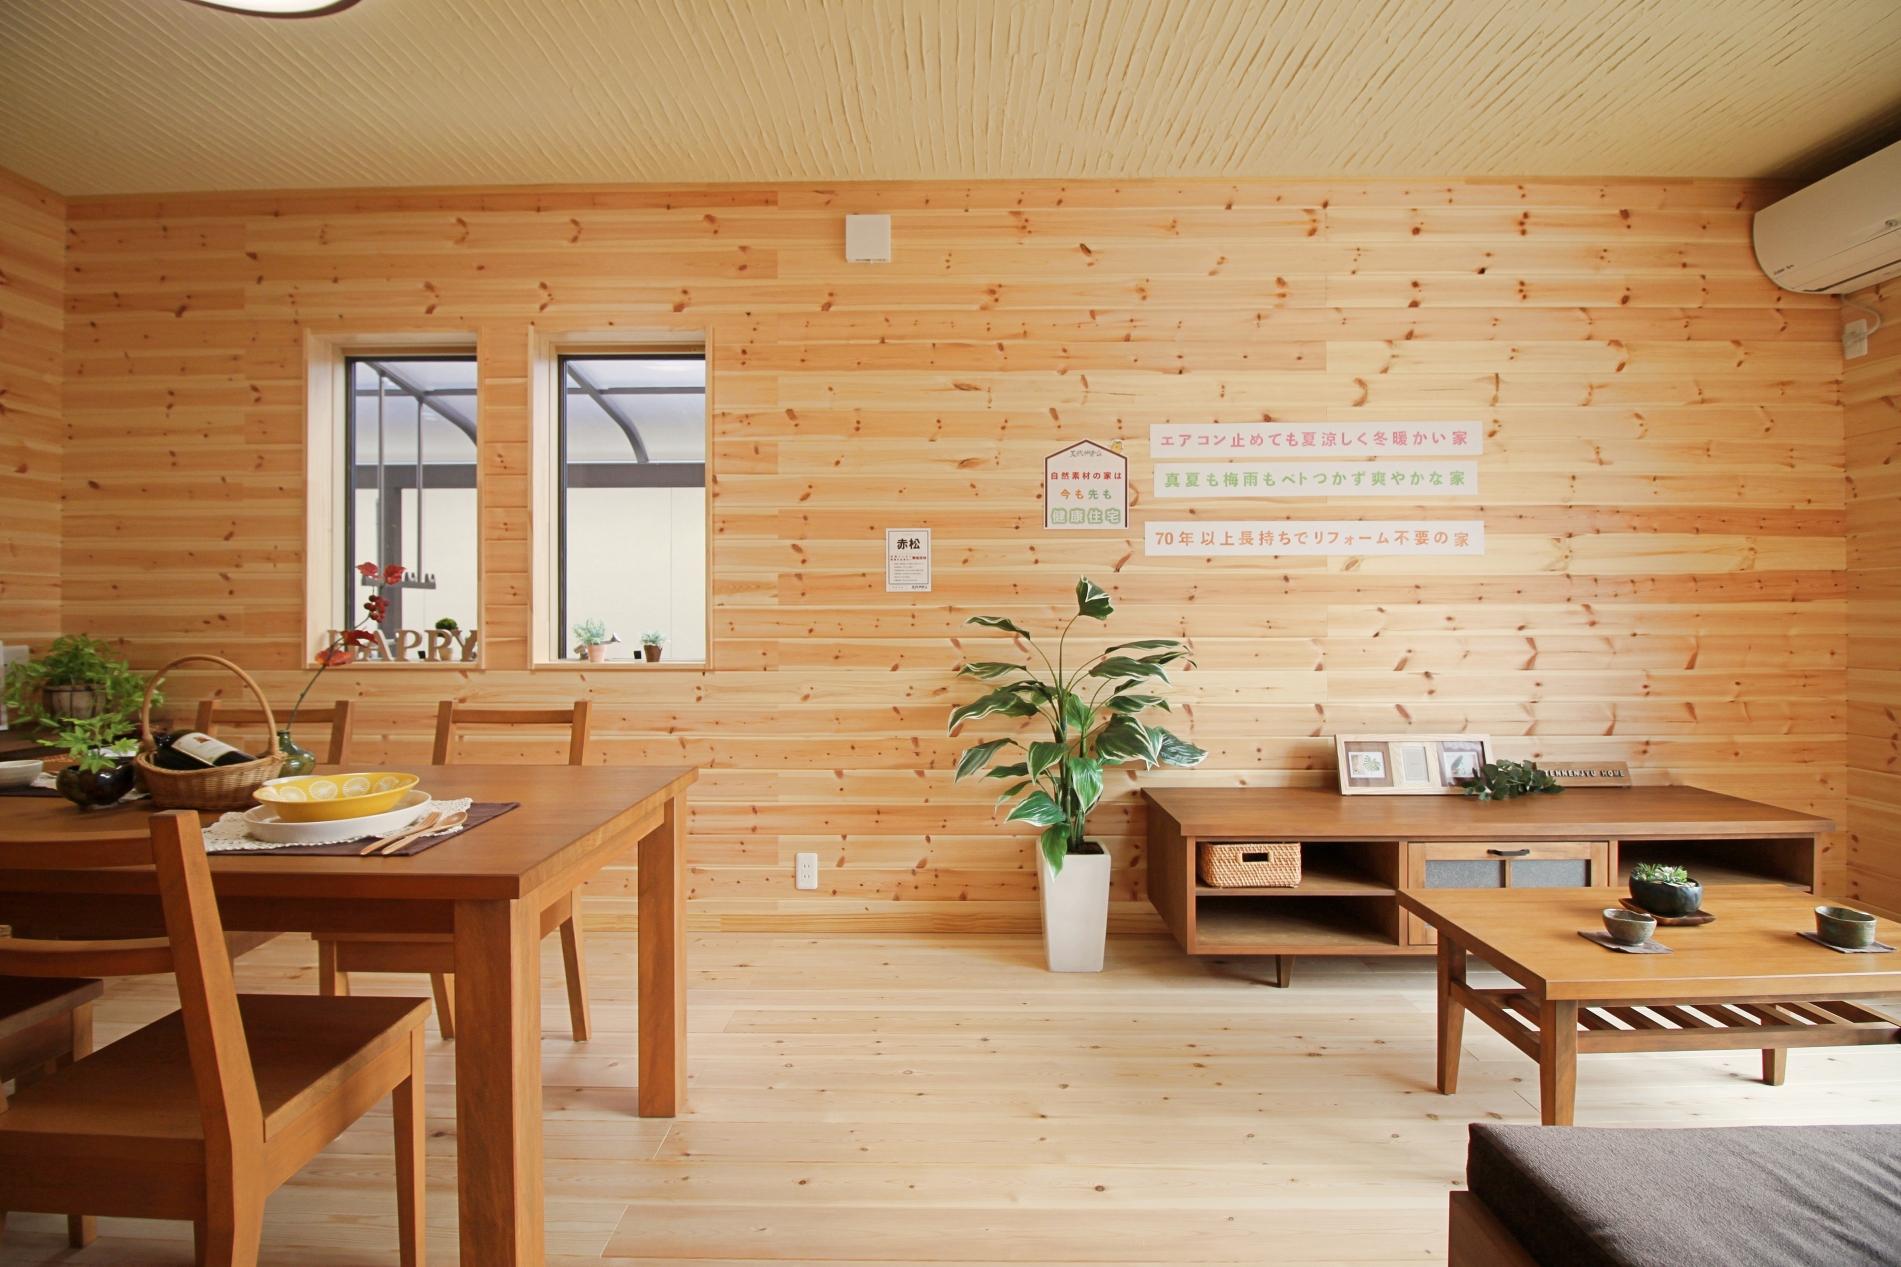 珪藻土をふんだんに使用した空気が綺麗な平屋の家